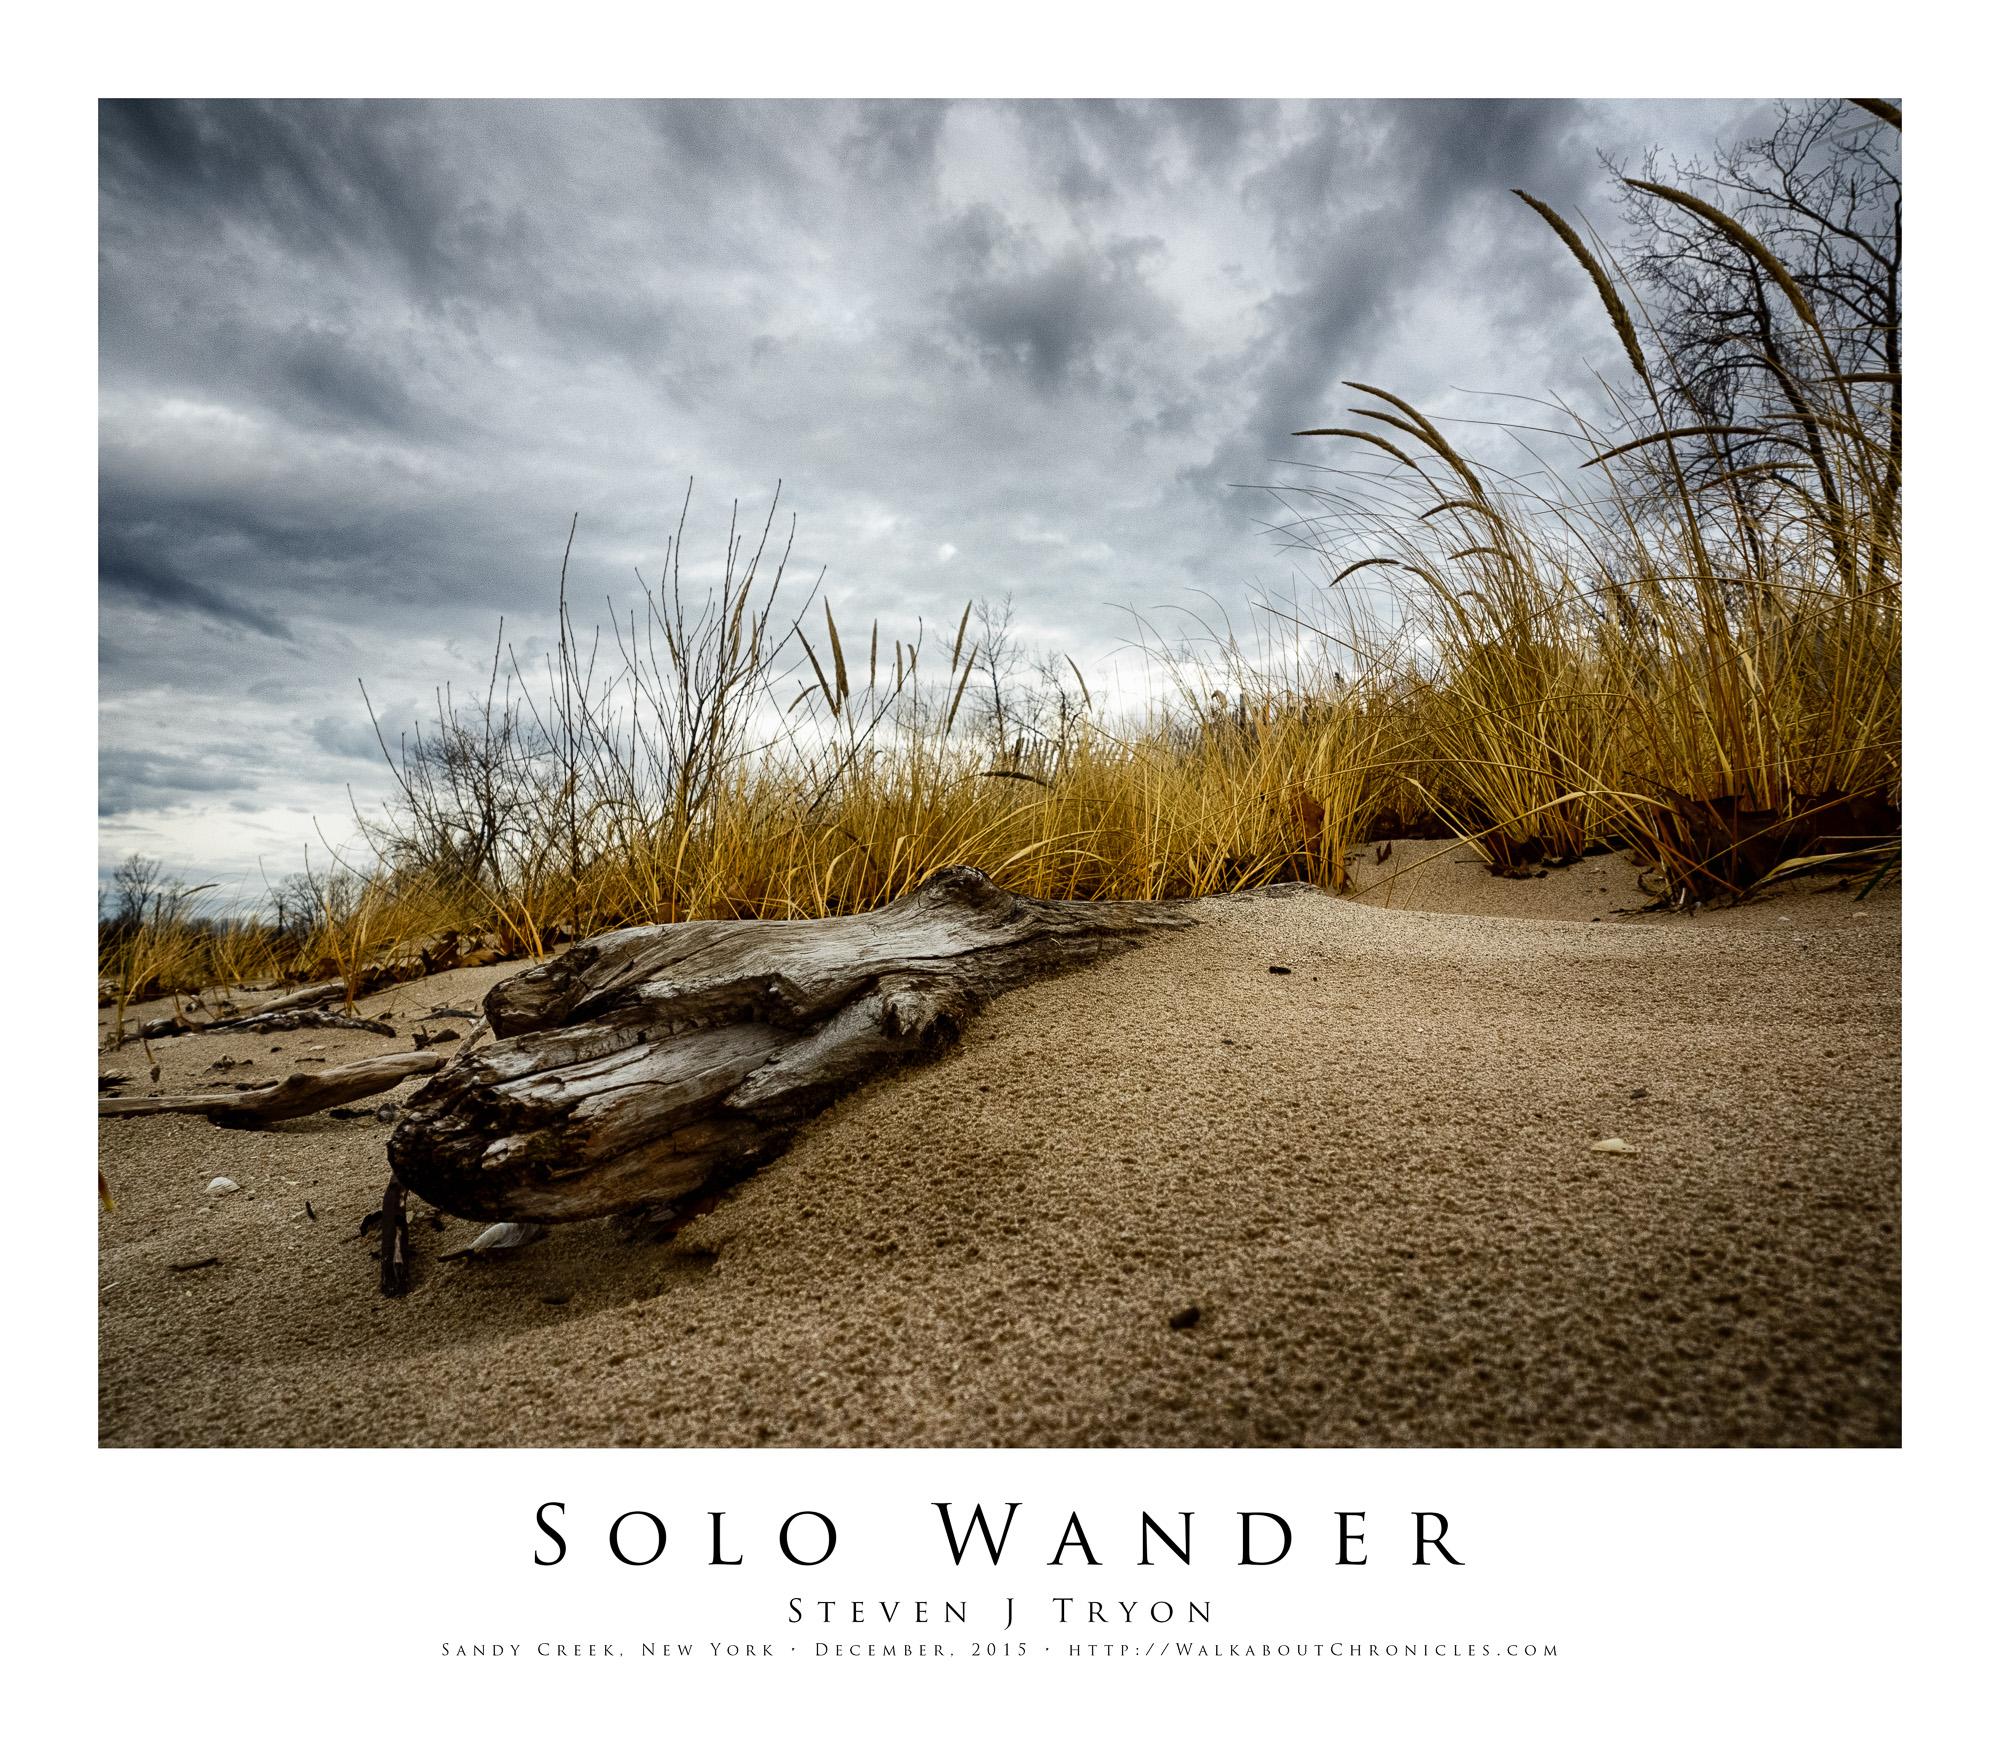 Solo Wander